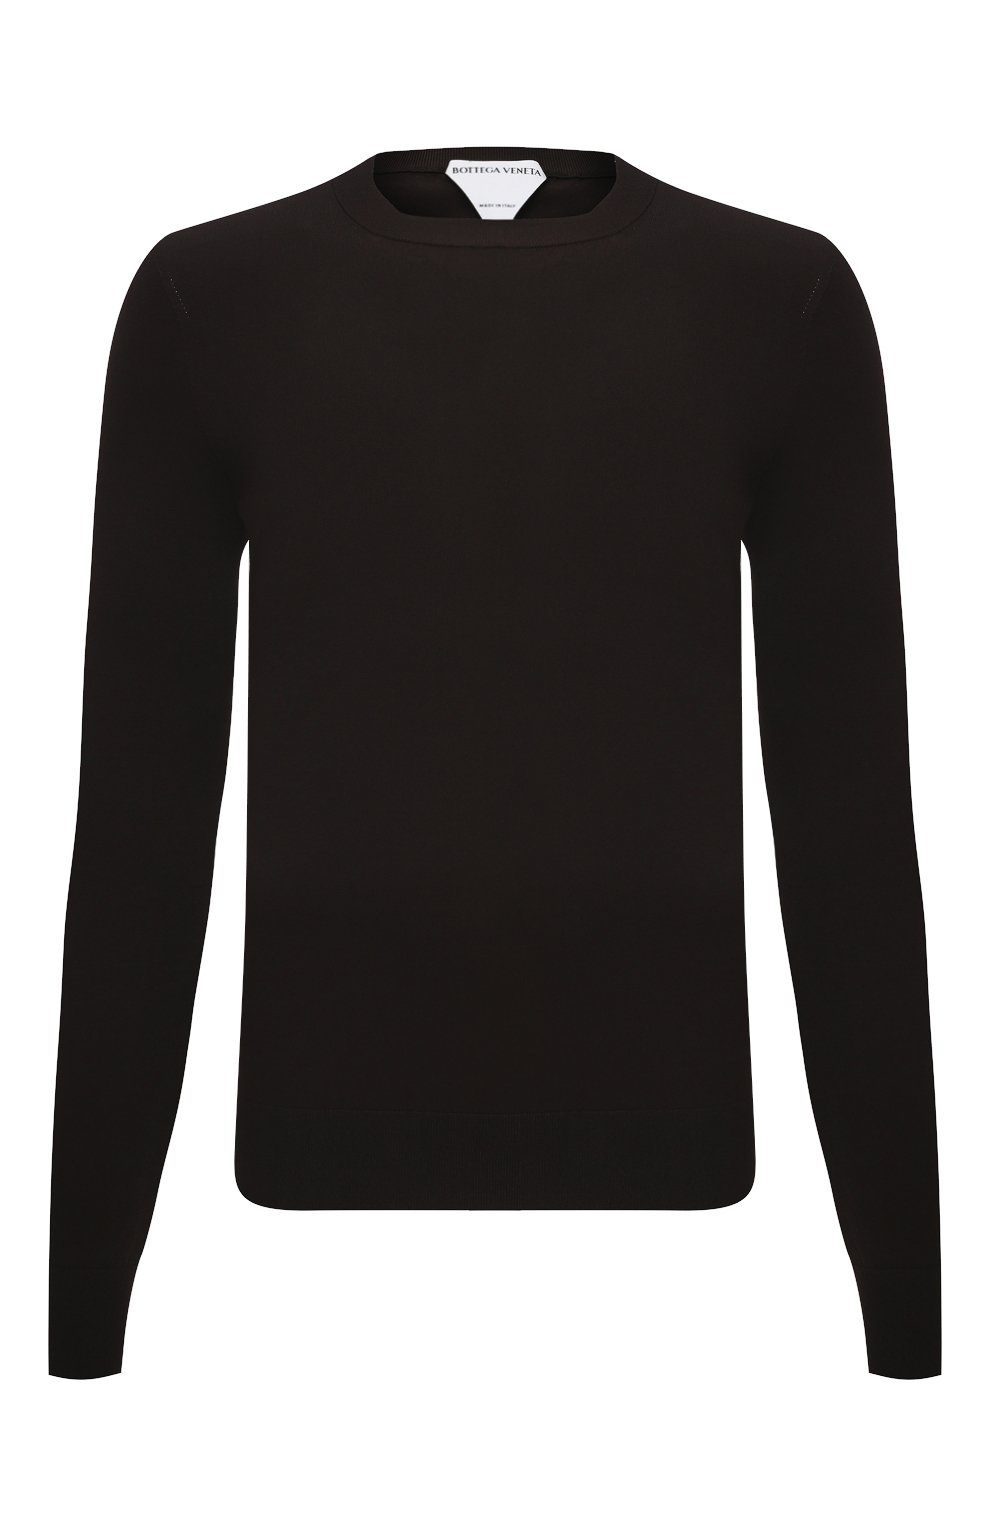 Мужской джемпер из вискозы BOTTEGA VENETA темно-коричневого цвета, арт. 647526/VKJK0 | Фото 1